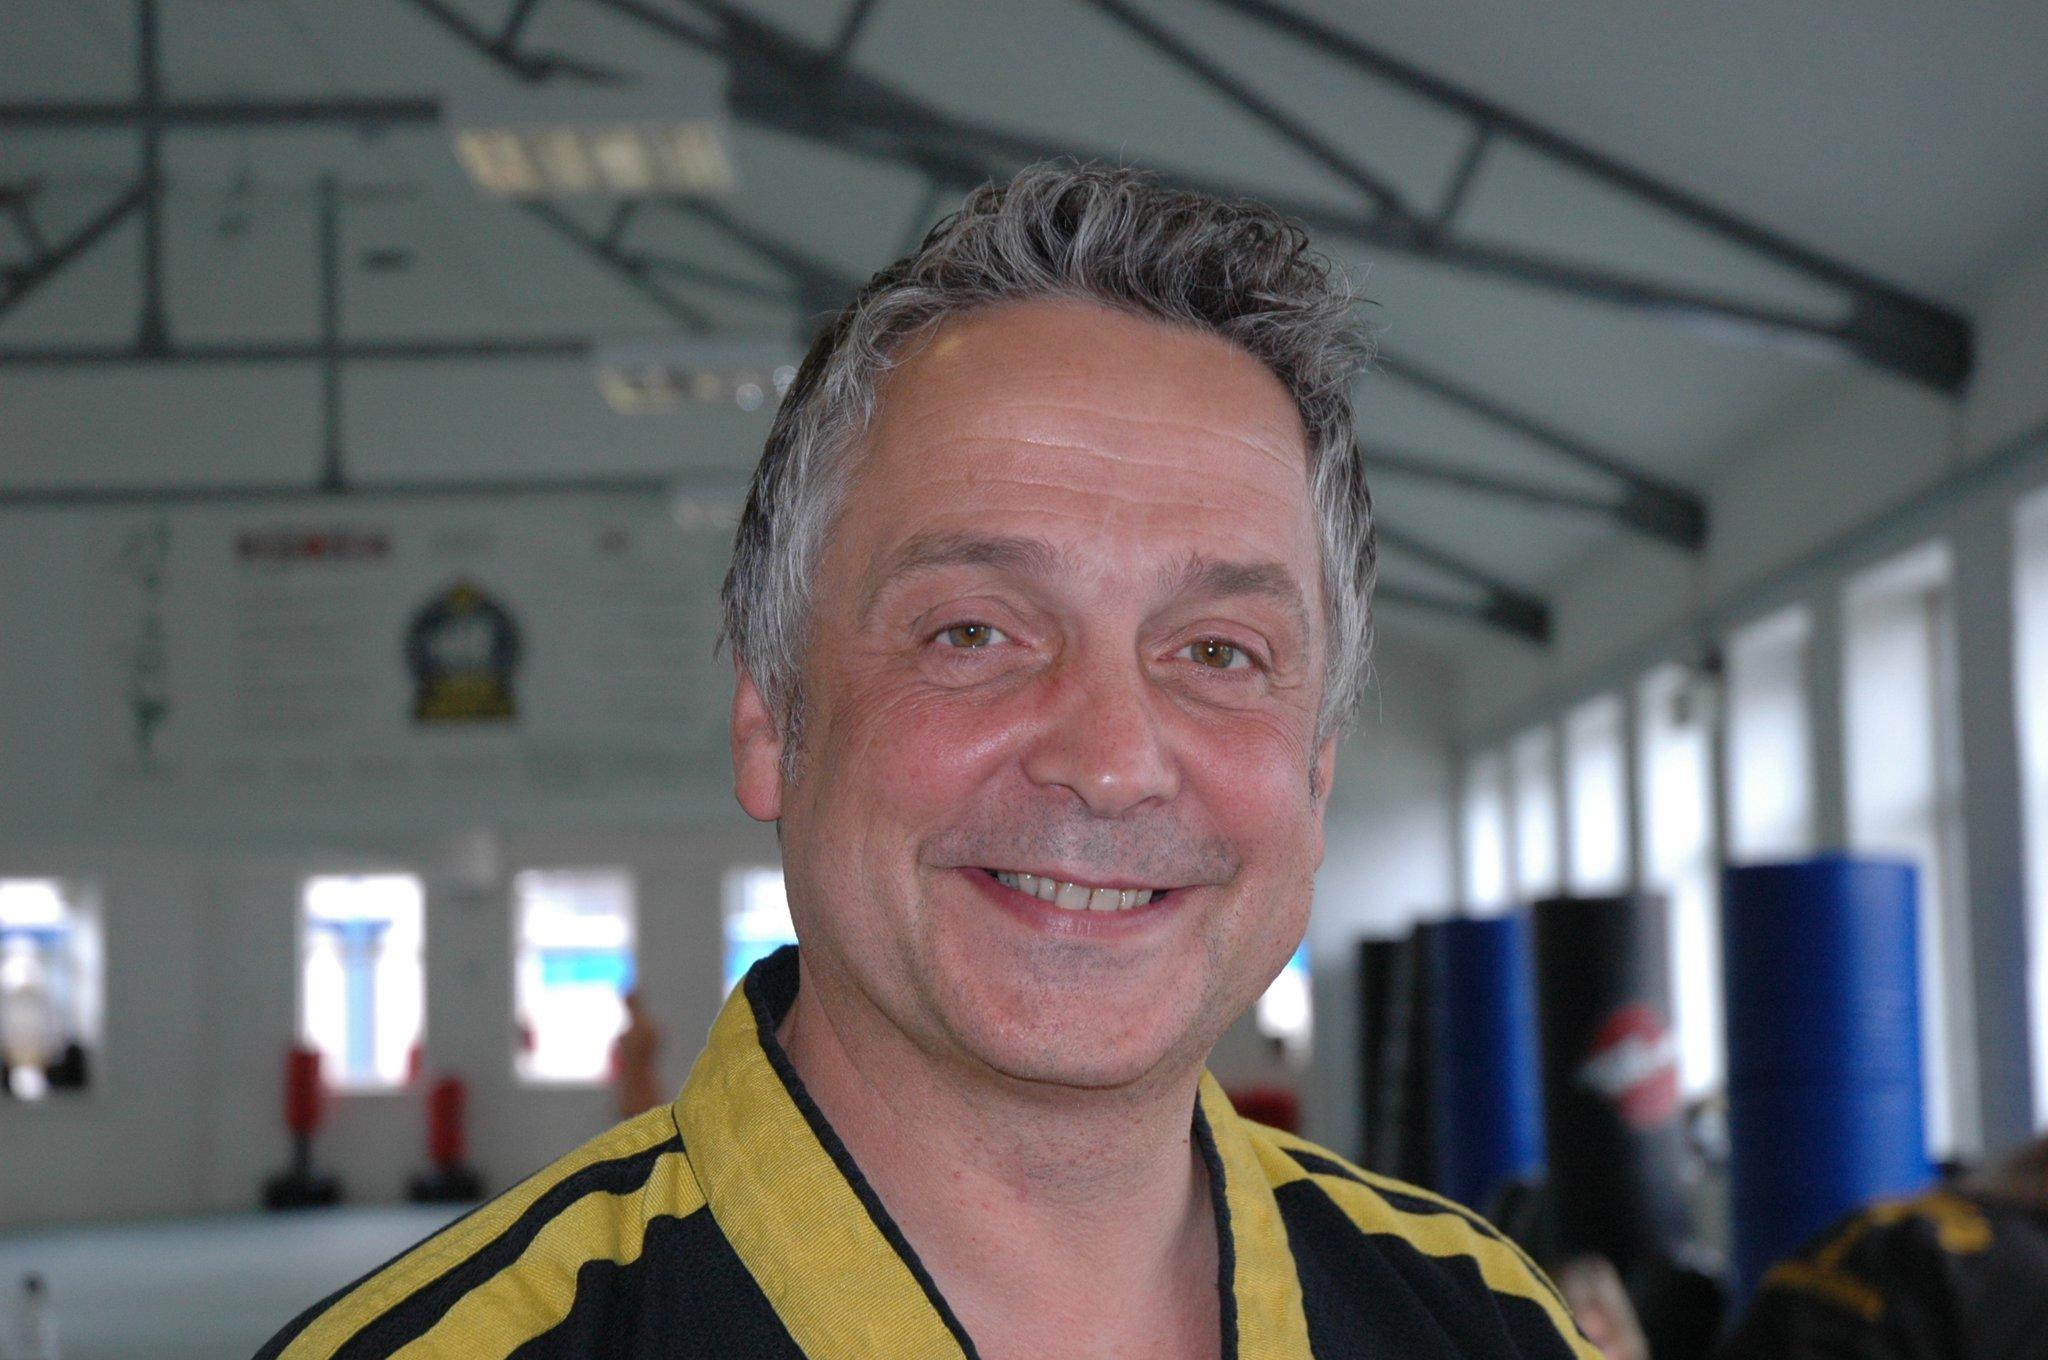 Vince Cassar